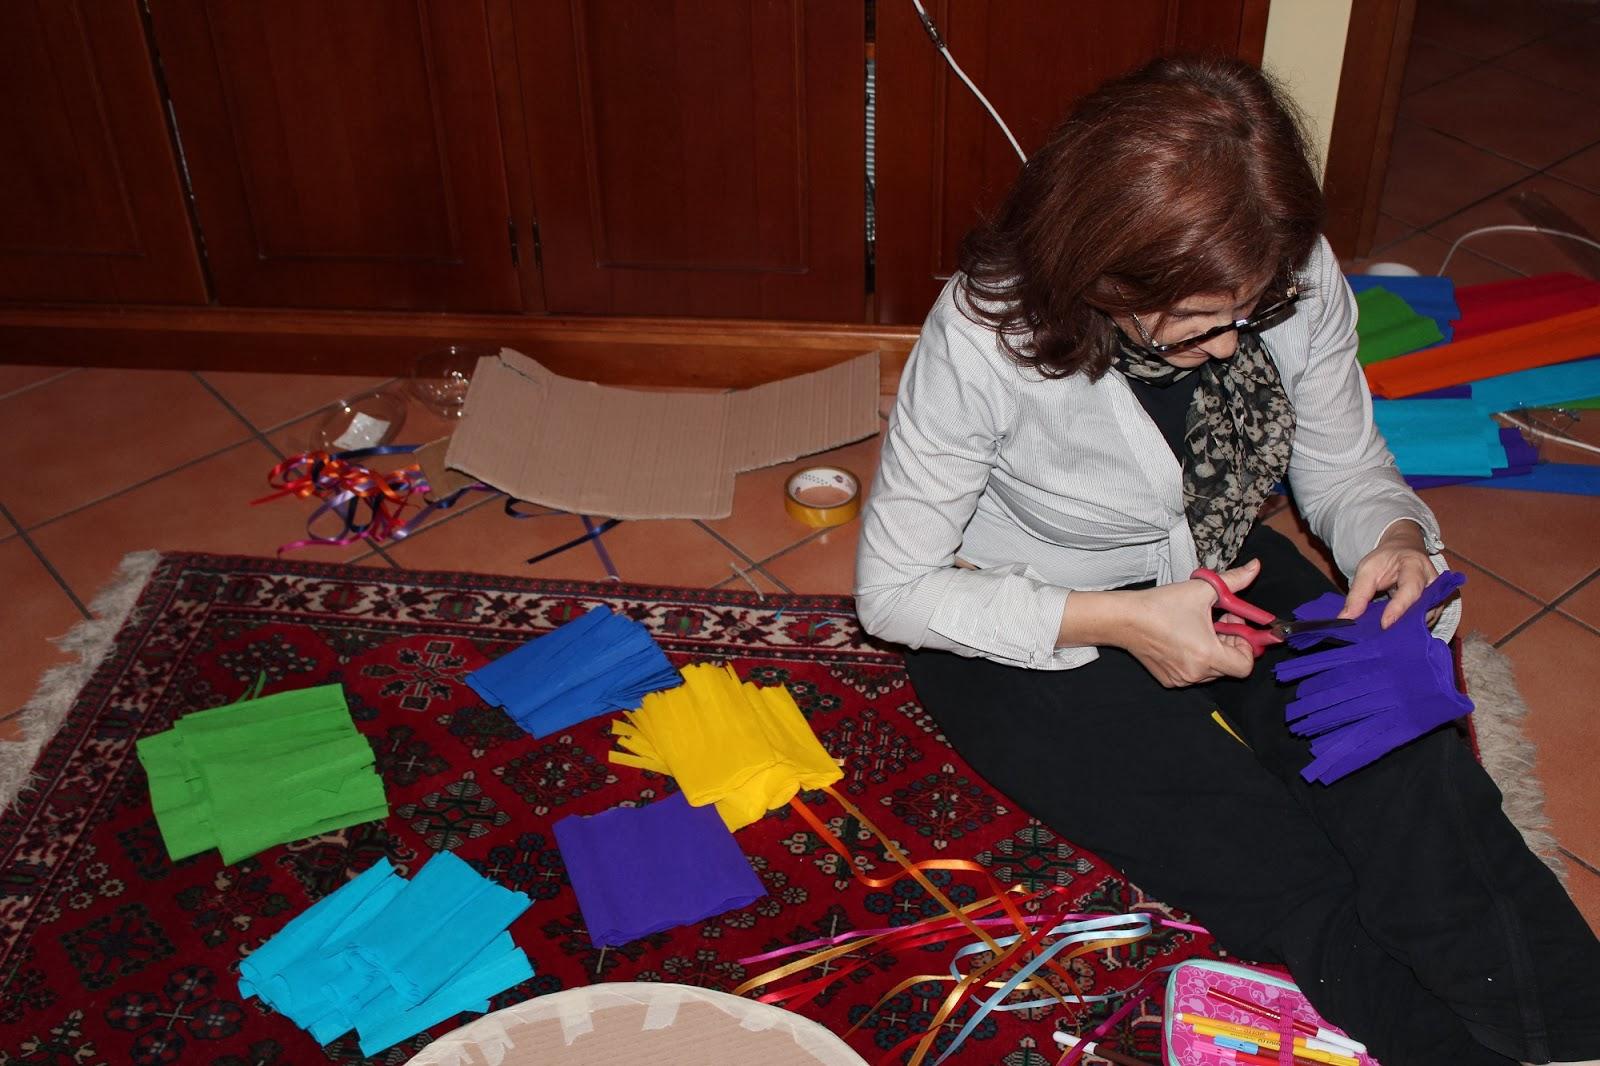 Le leccornie di Danita: Pignatta arcobaleno: come costruirla